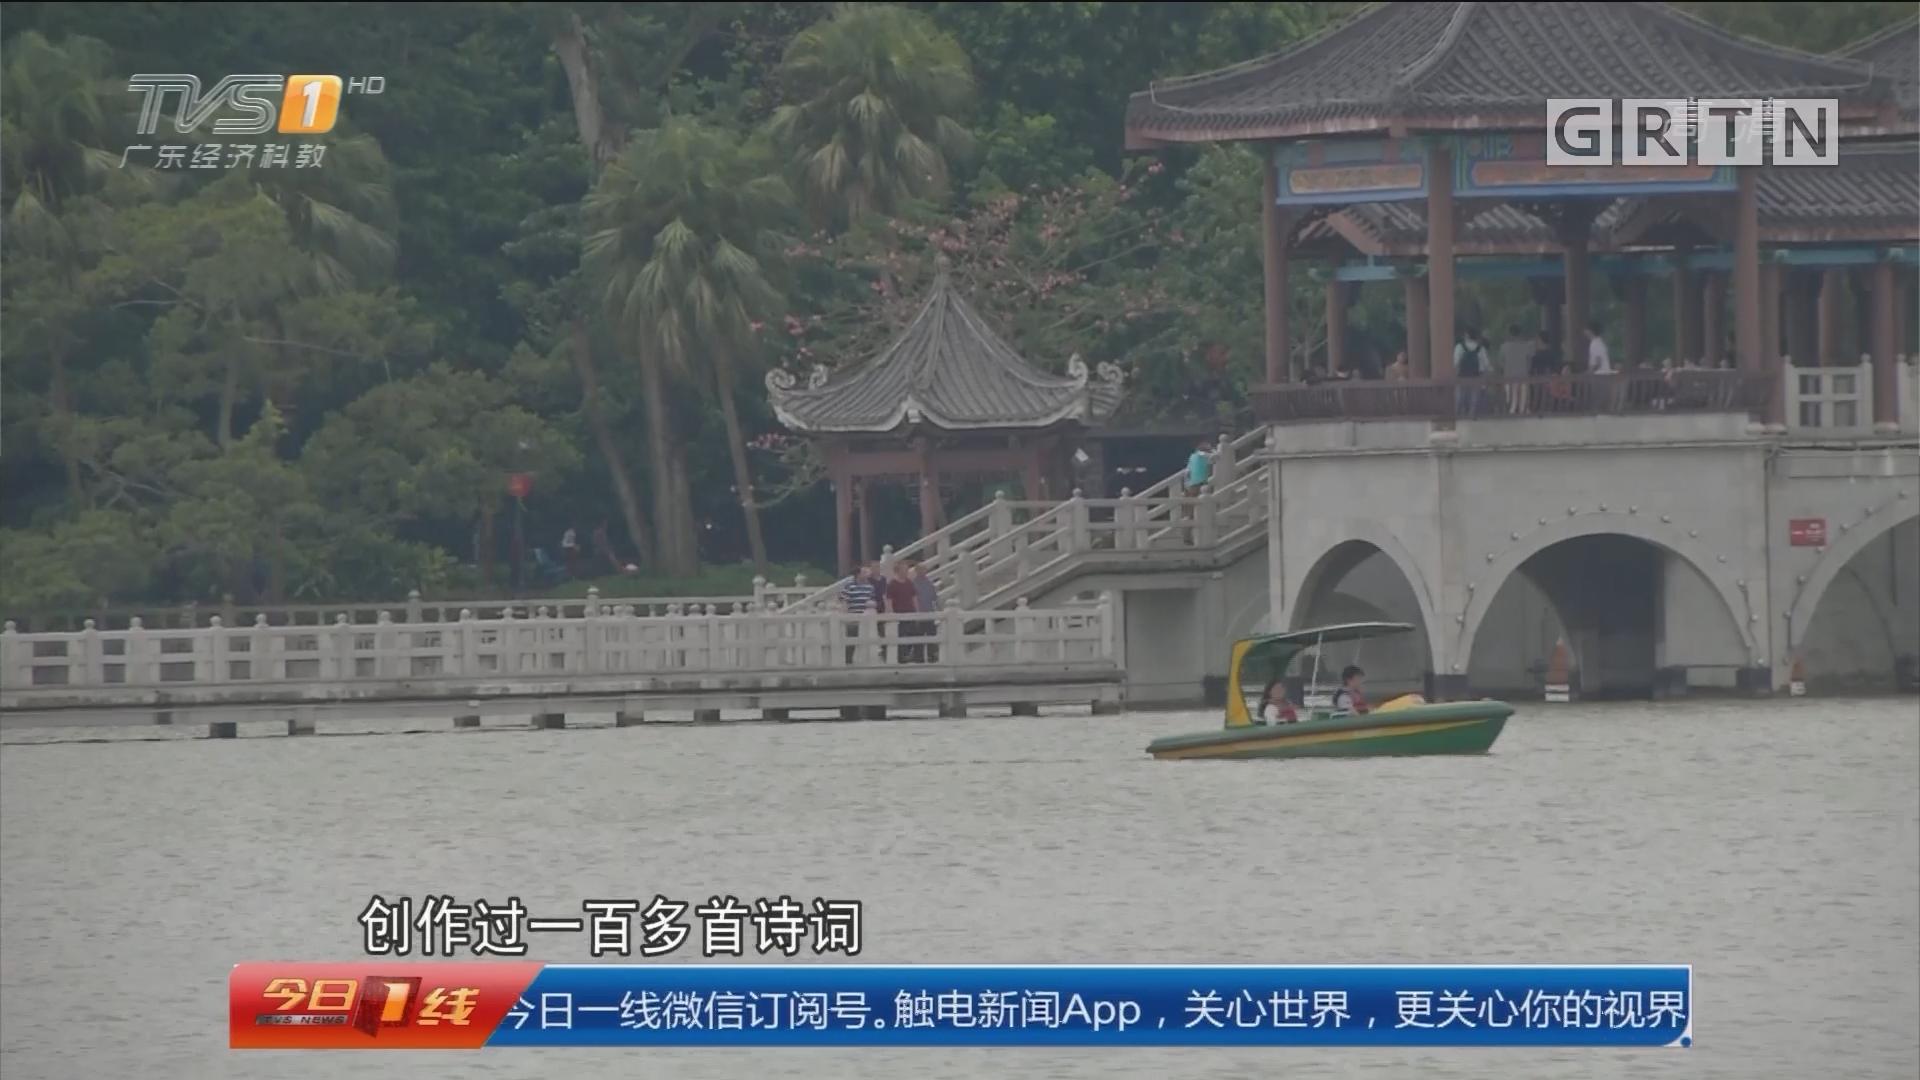 老街新貌:惠州祝屋巷 苏东坡祝枝山曾寓居于此 吟诗作赋